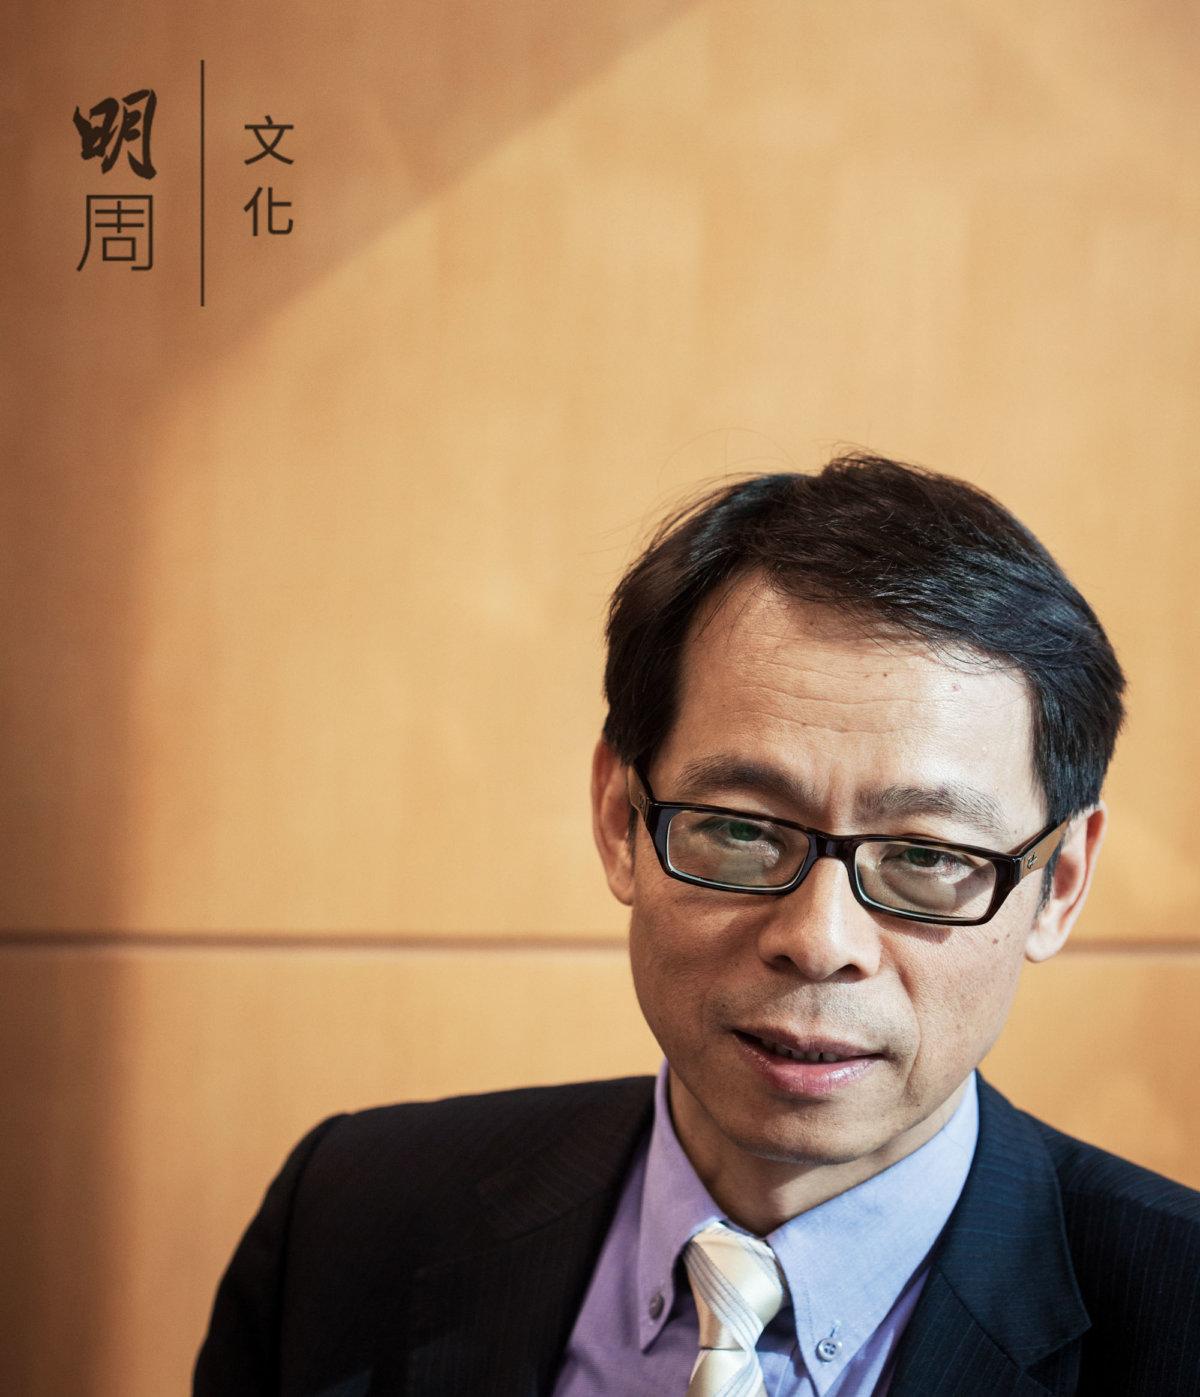 香港台北貿易中心主 任孫至誠說,年輕人 的加入為台灣農業點 燃了生命力。